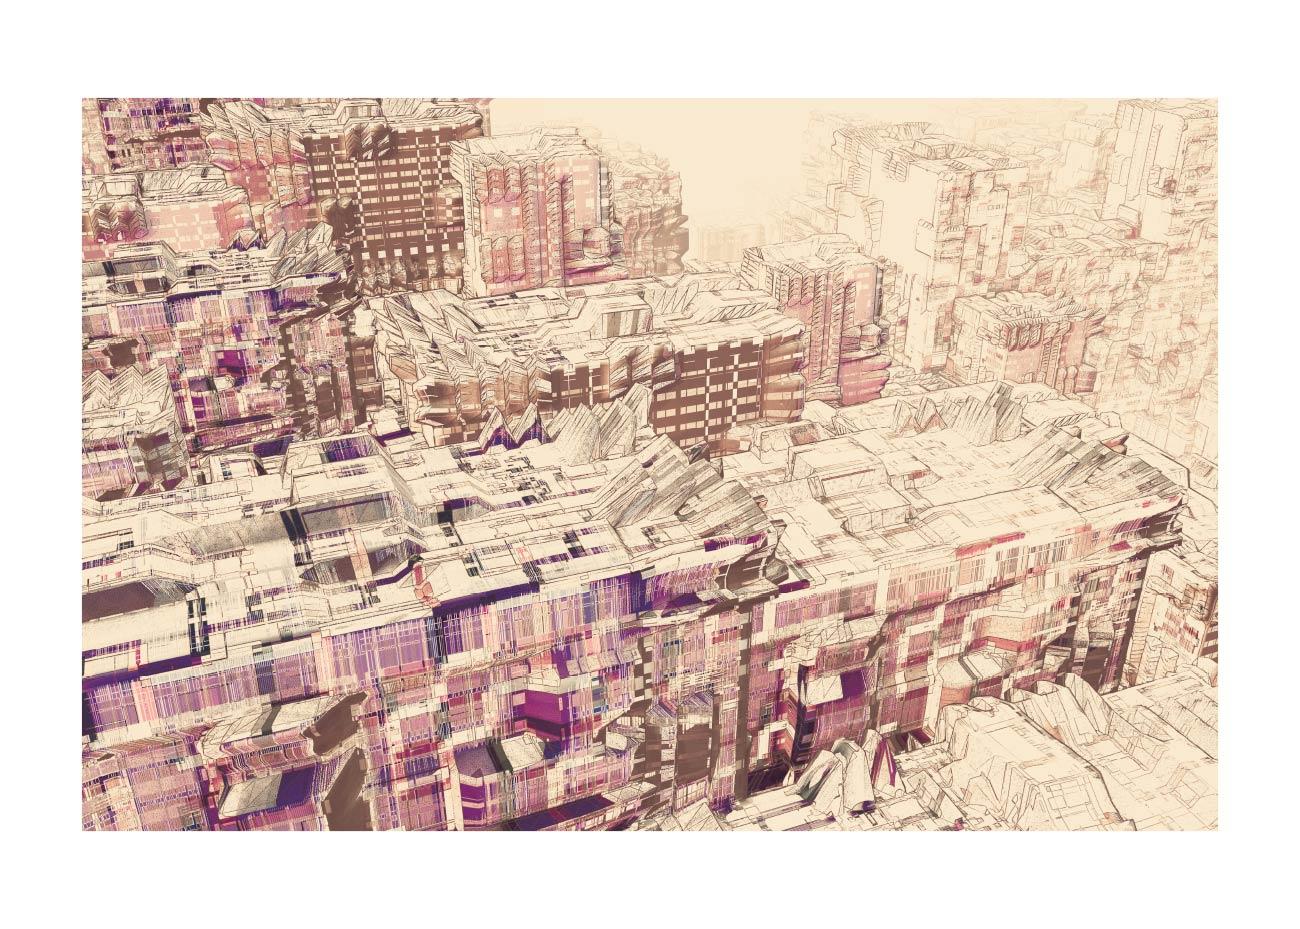 CITIES 01